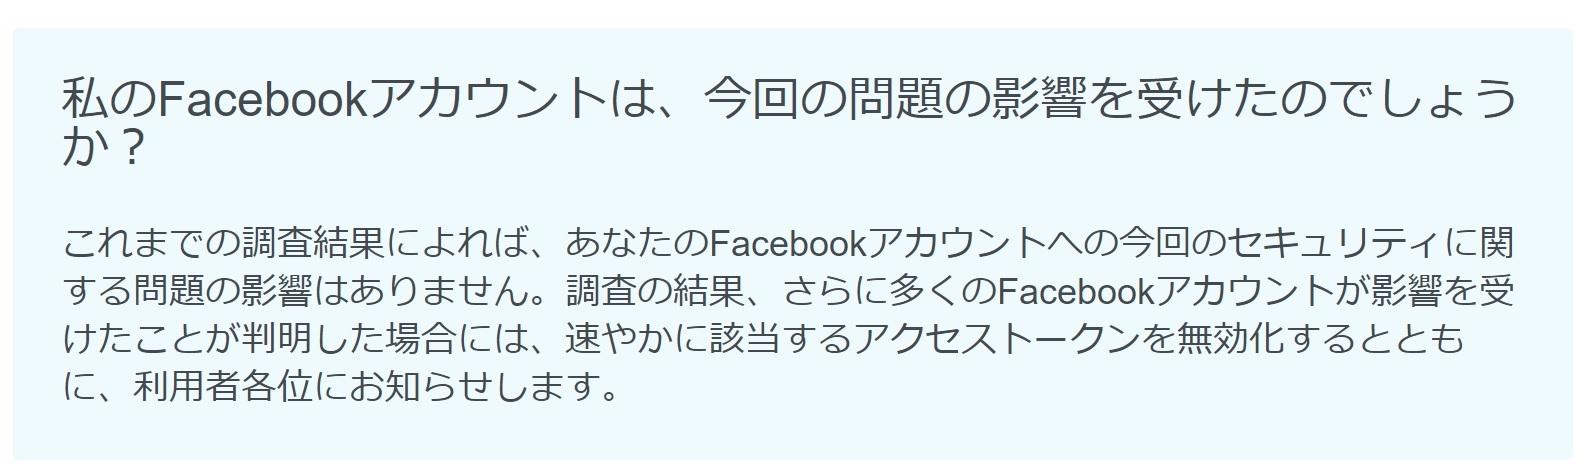 Facebookの情報流出、私はセーフ_c0338136_17560479.jpg